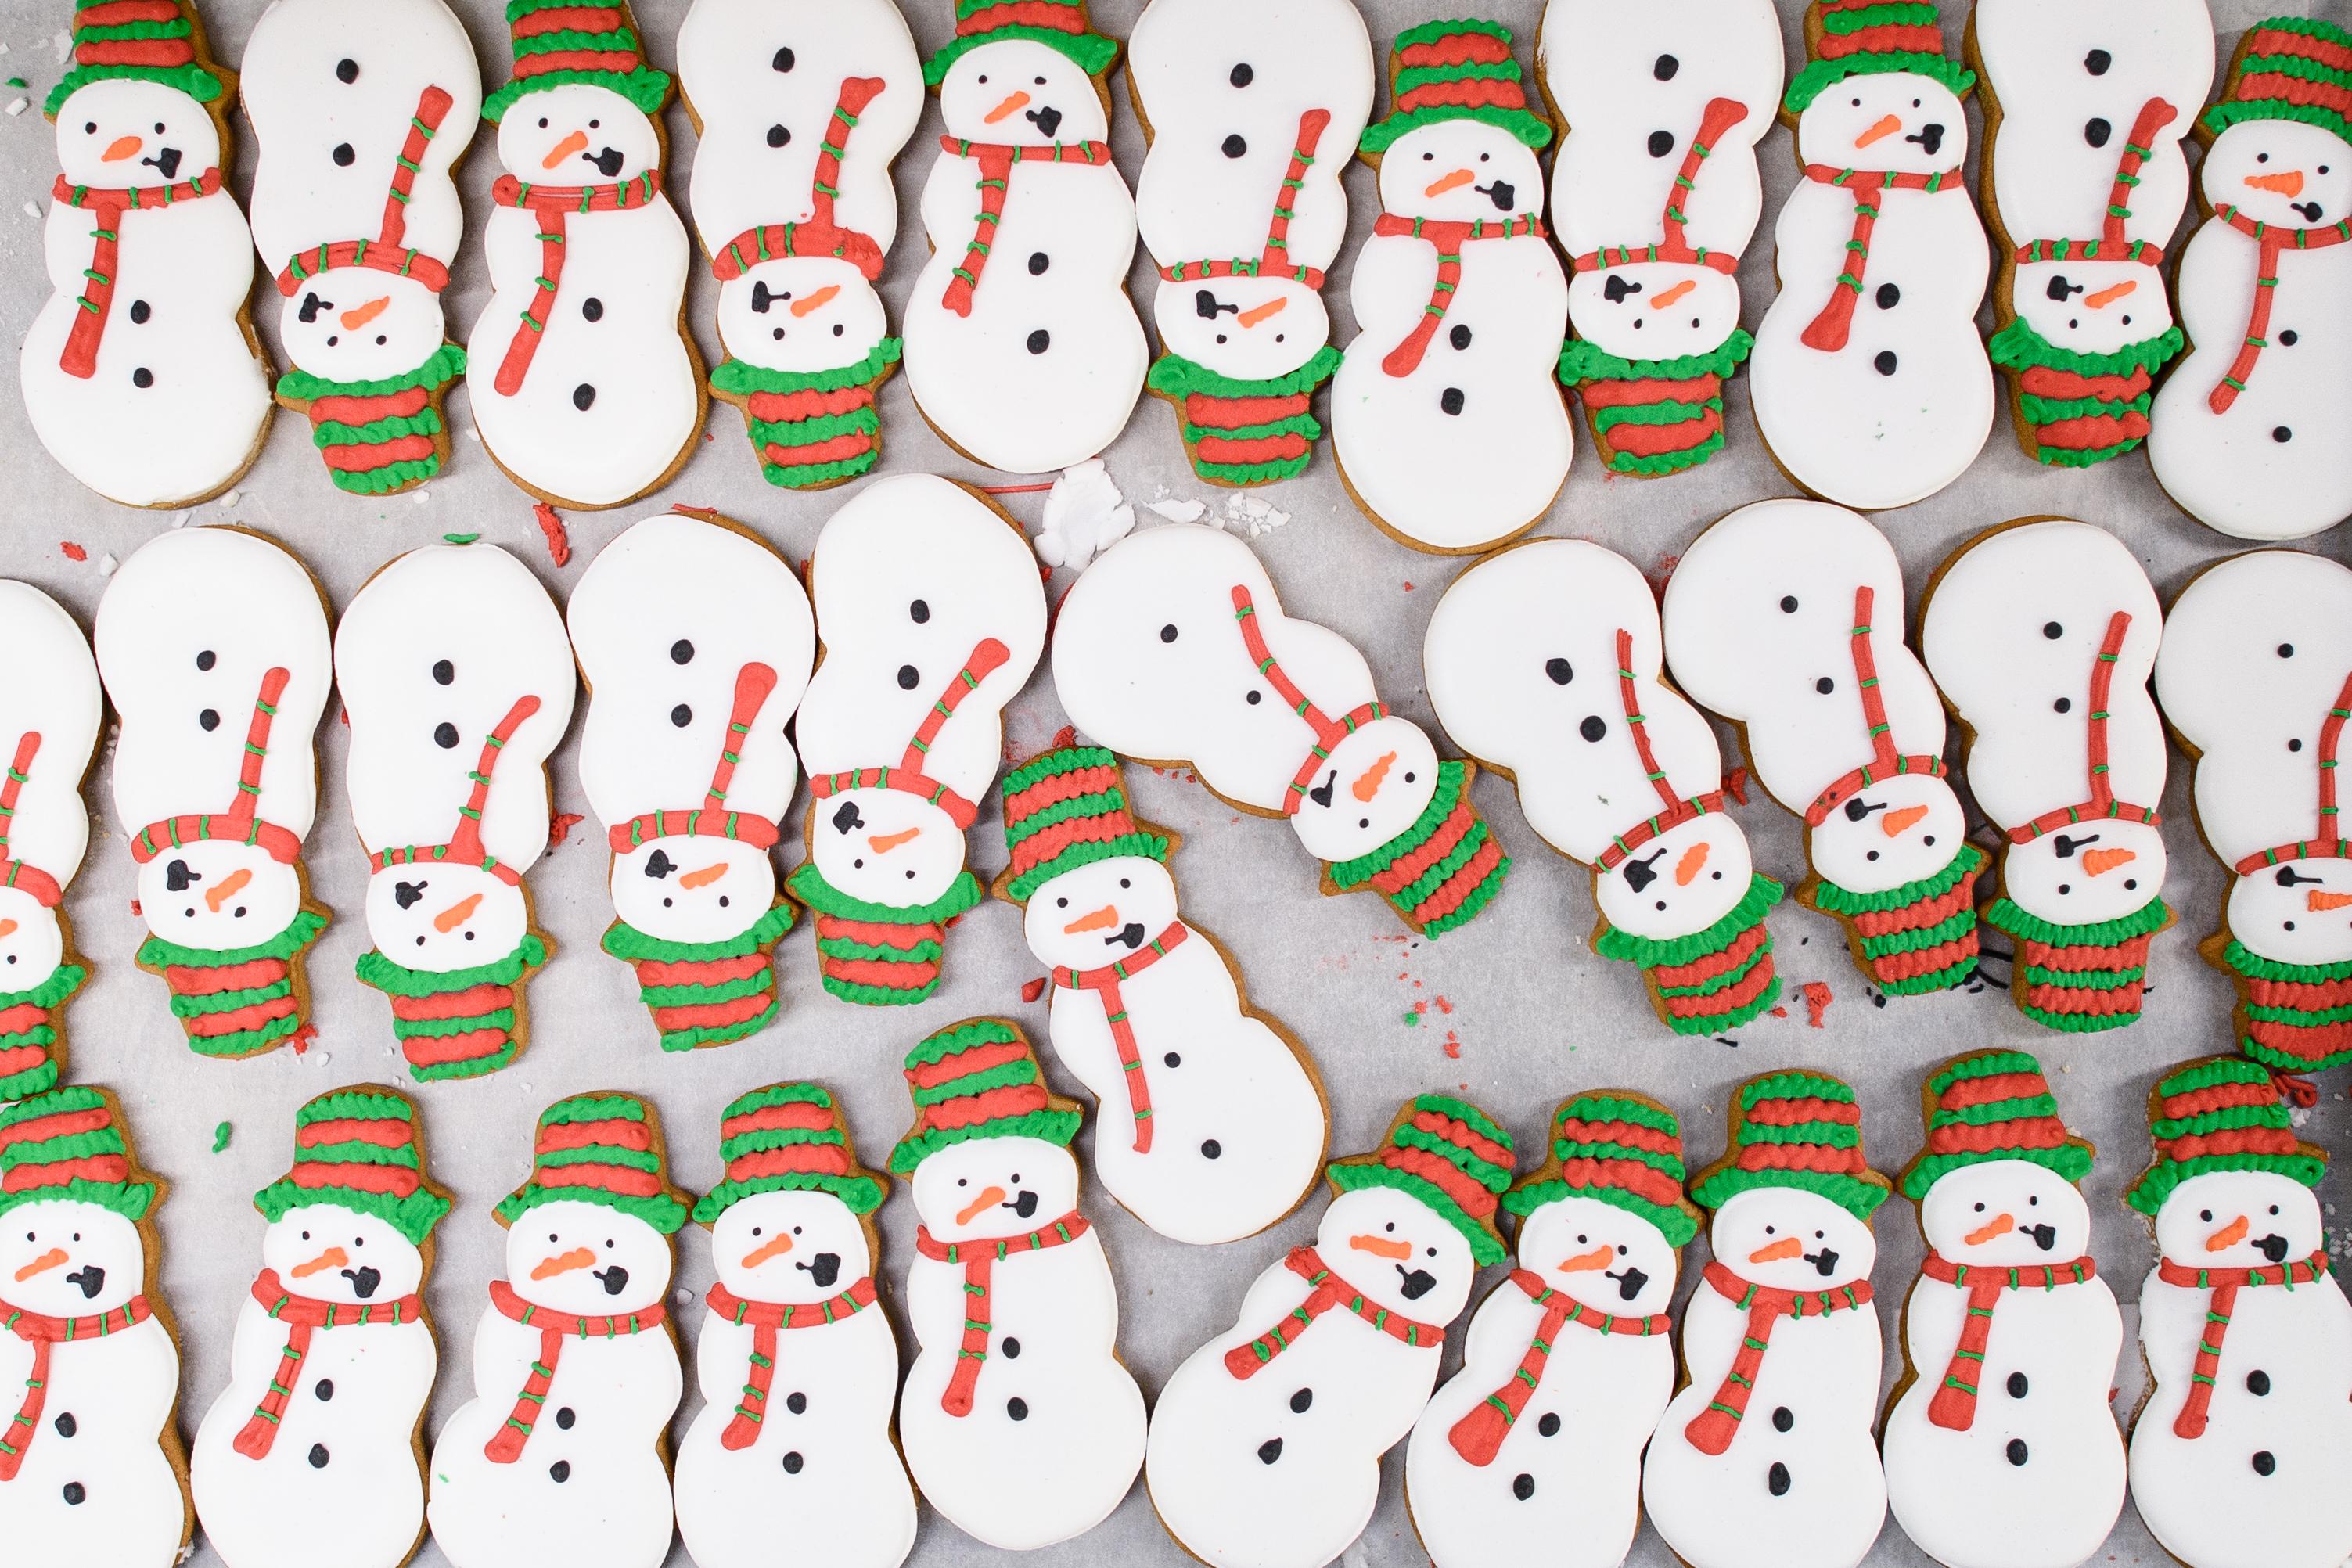 Dyad Flers En Escrebieux ils dérobent près de 100.000 euros de biscuits | www.cnews.fr